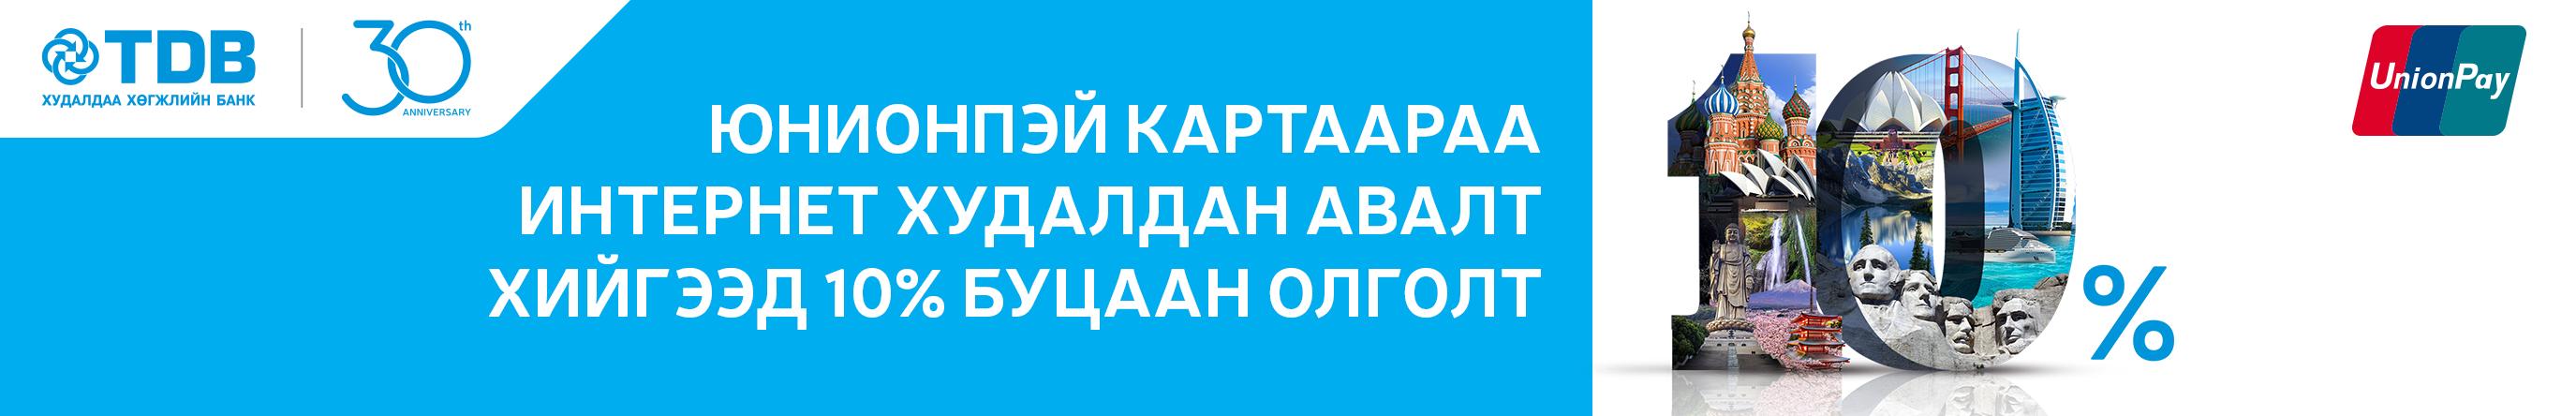 Сурталчилгаа